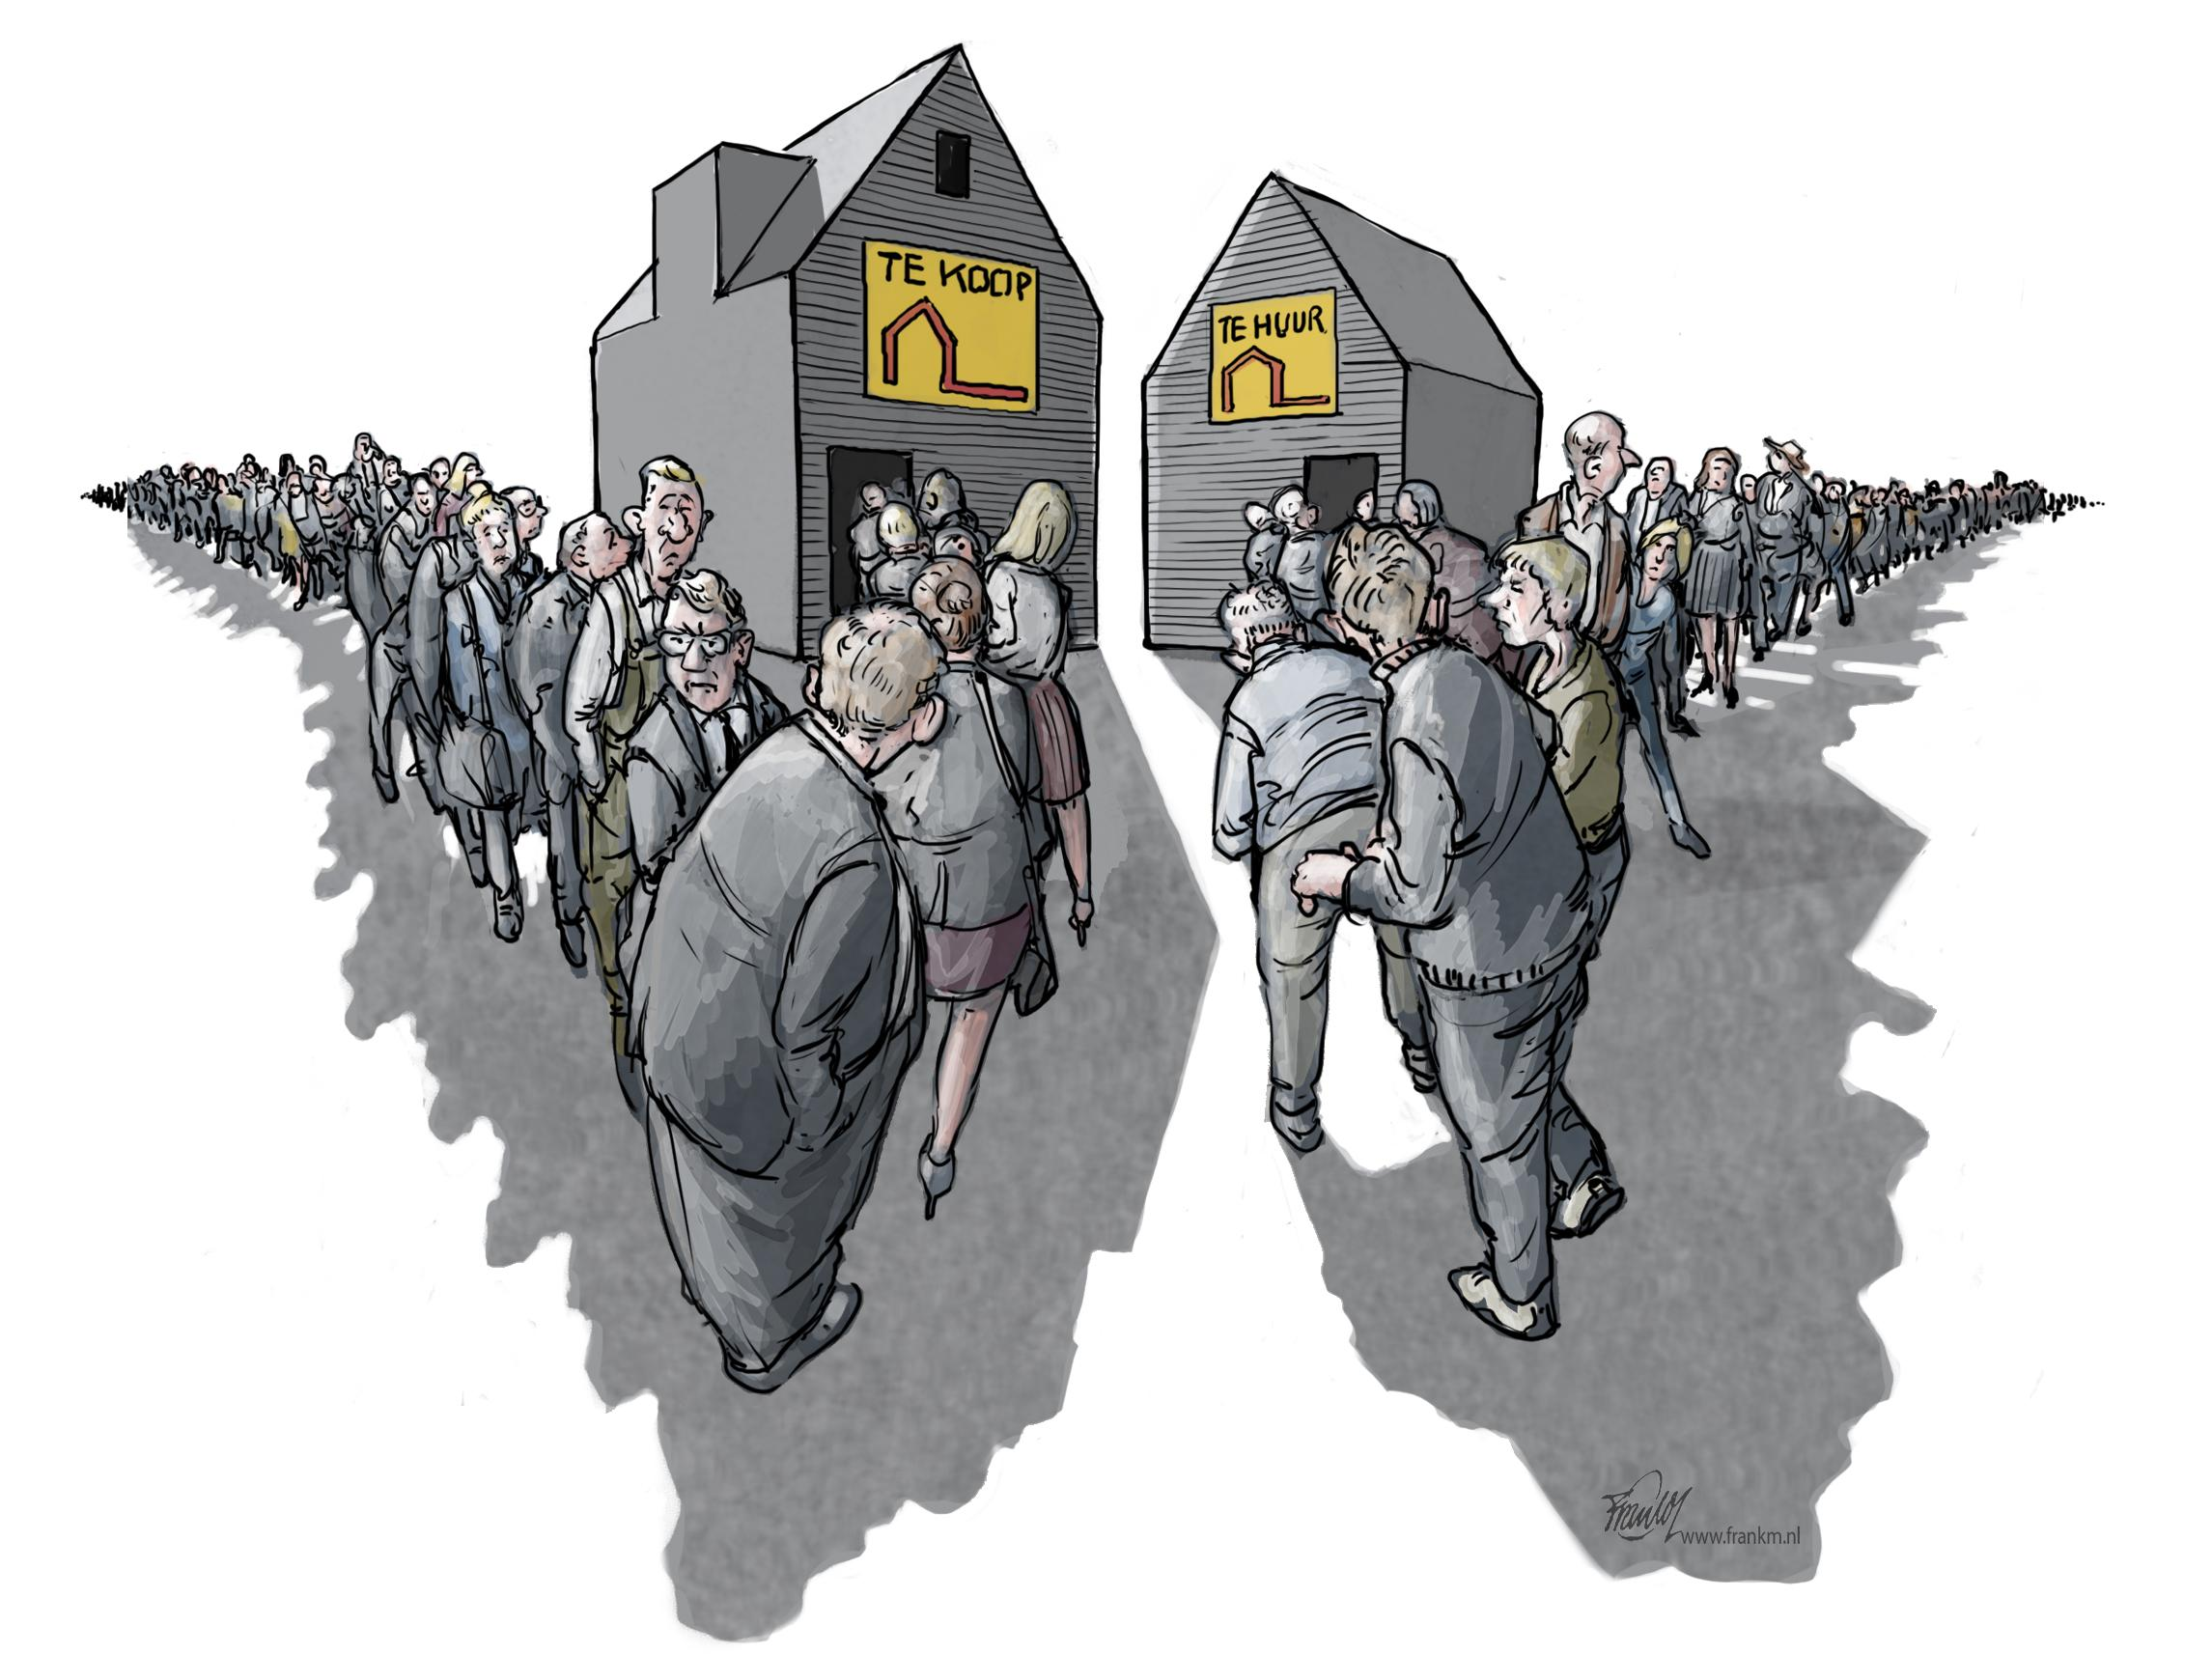 'Bouwen is de duurste oplossing'. Regionaal woonakkoord scherpt achterhaalde cijfers aan. Tussen sociale huurwoningen en dure koopwoningen gaapt groot gat | Serie